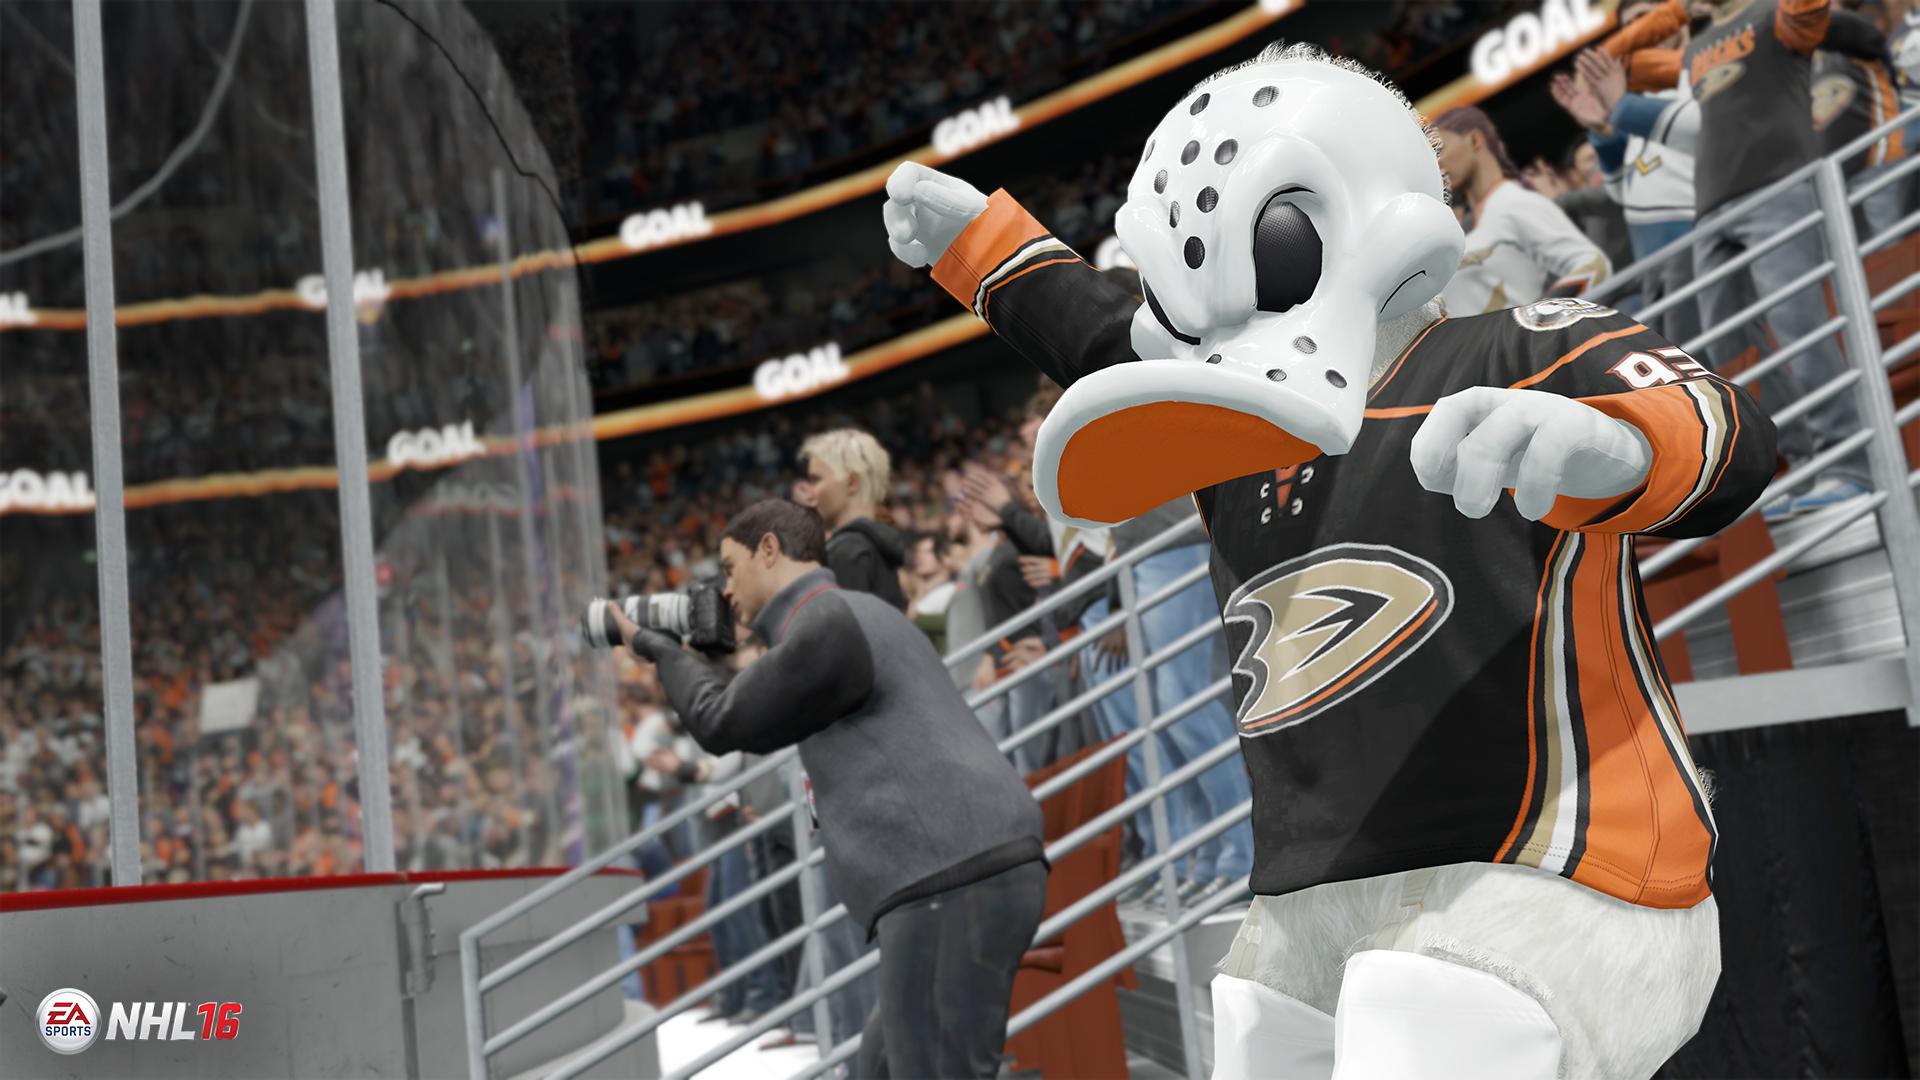 Alle Maskkotchen der NHL Teams sind im Spiel vorhanden